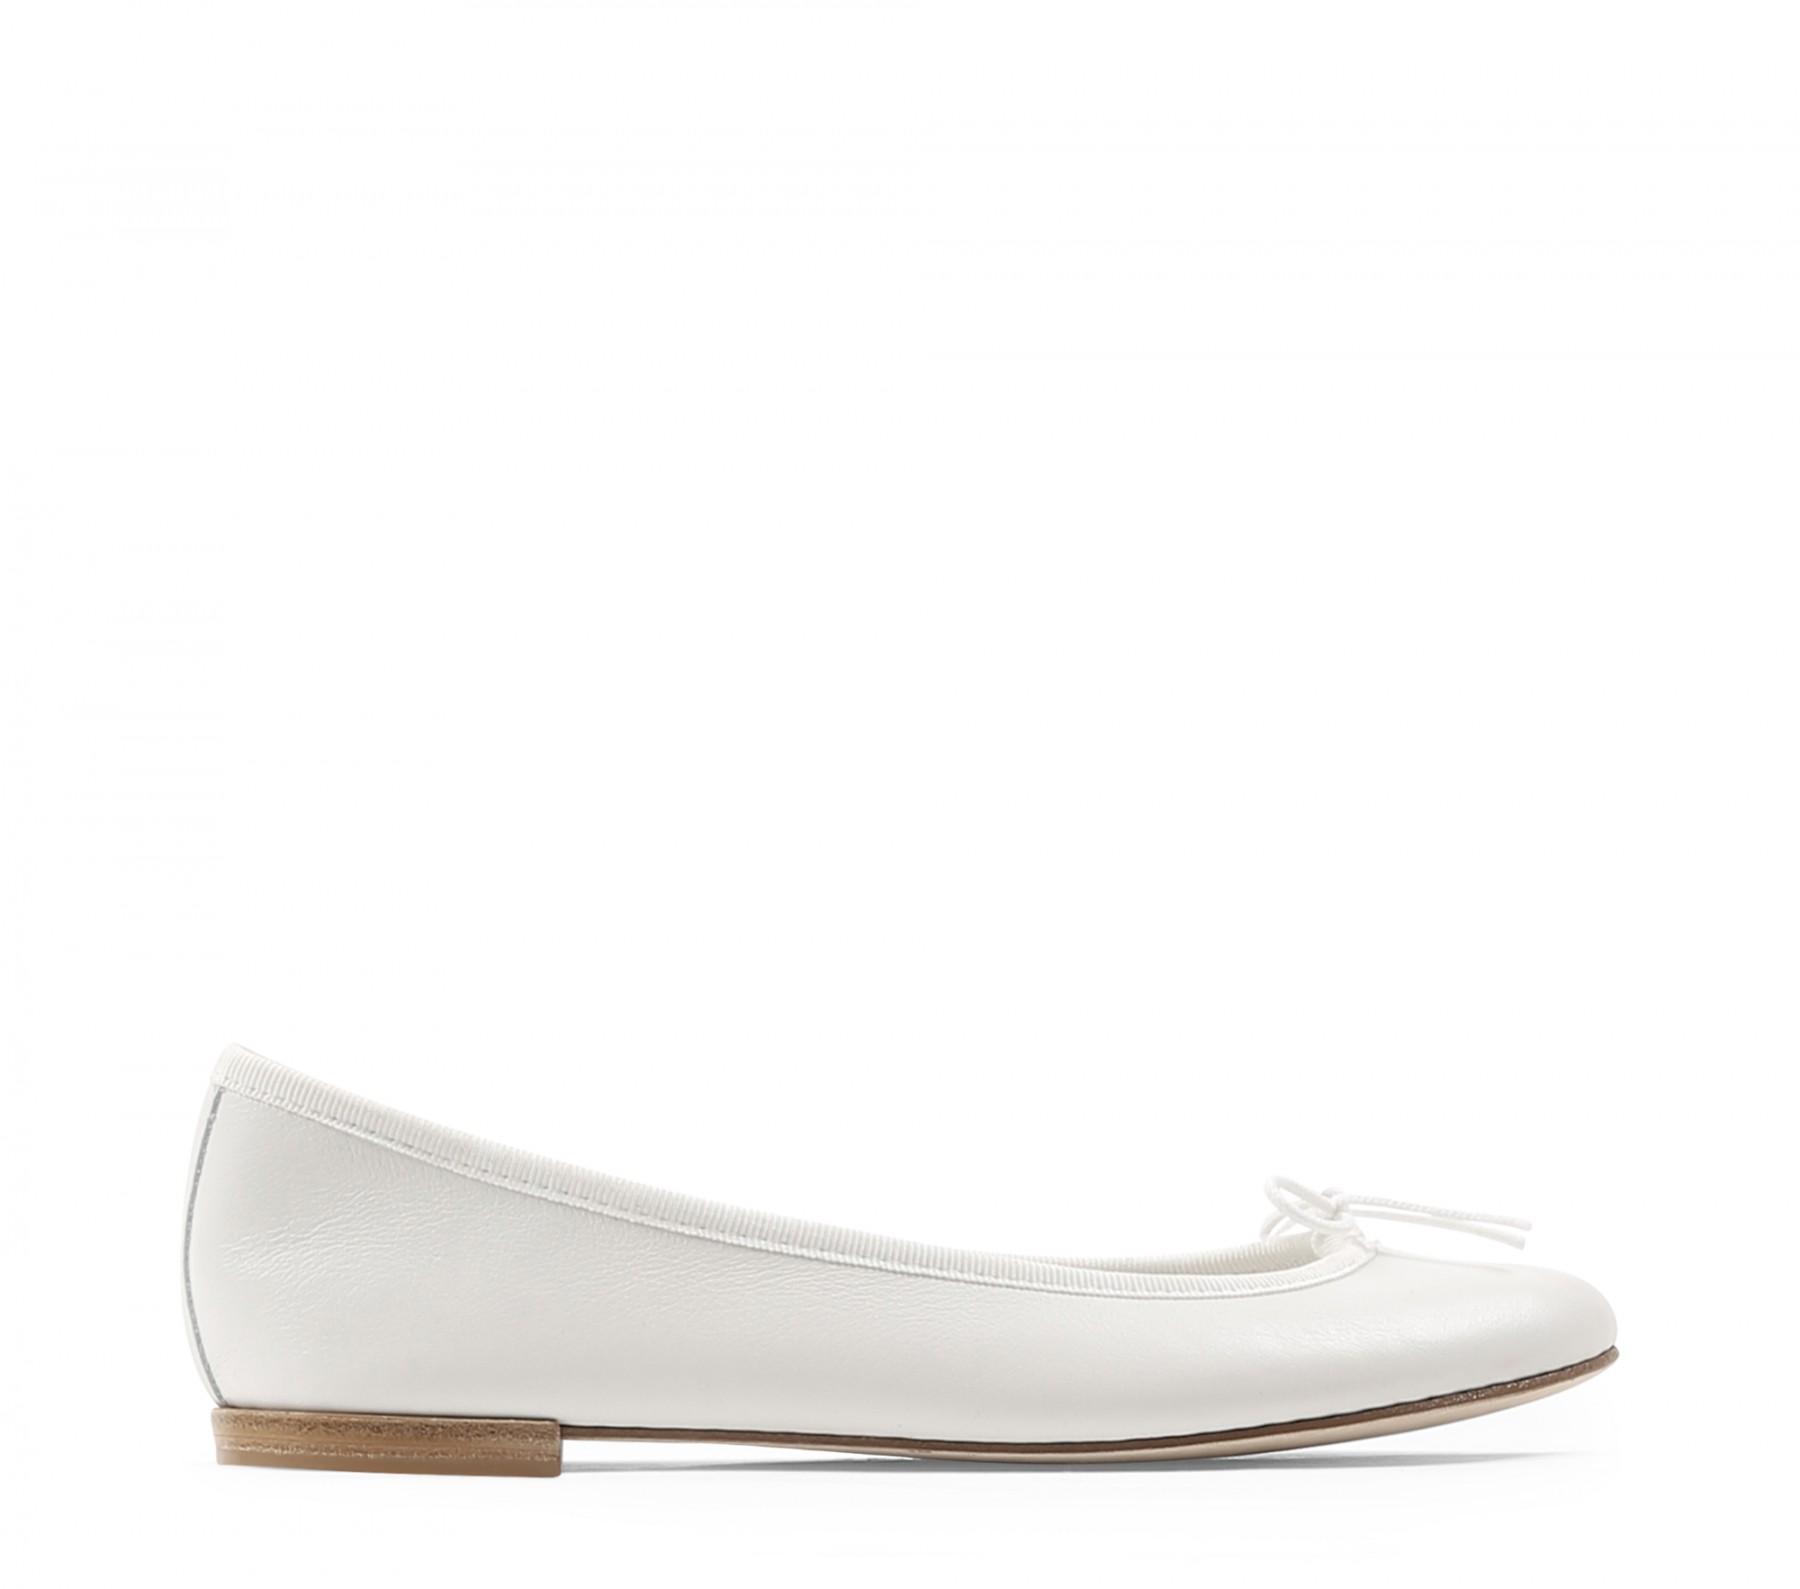 Repetto White Patent Cendrillon Ballerina Flats avk303f